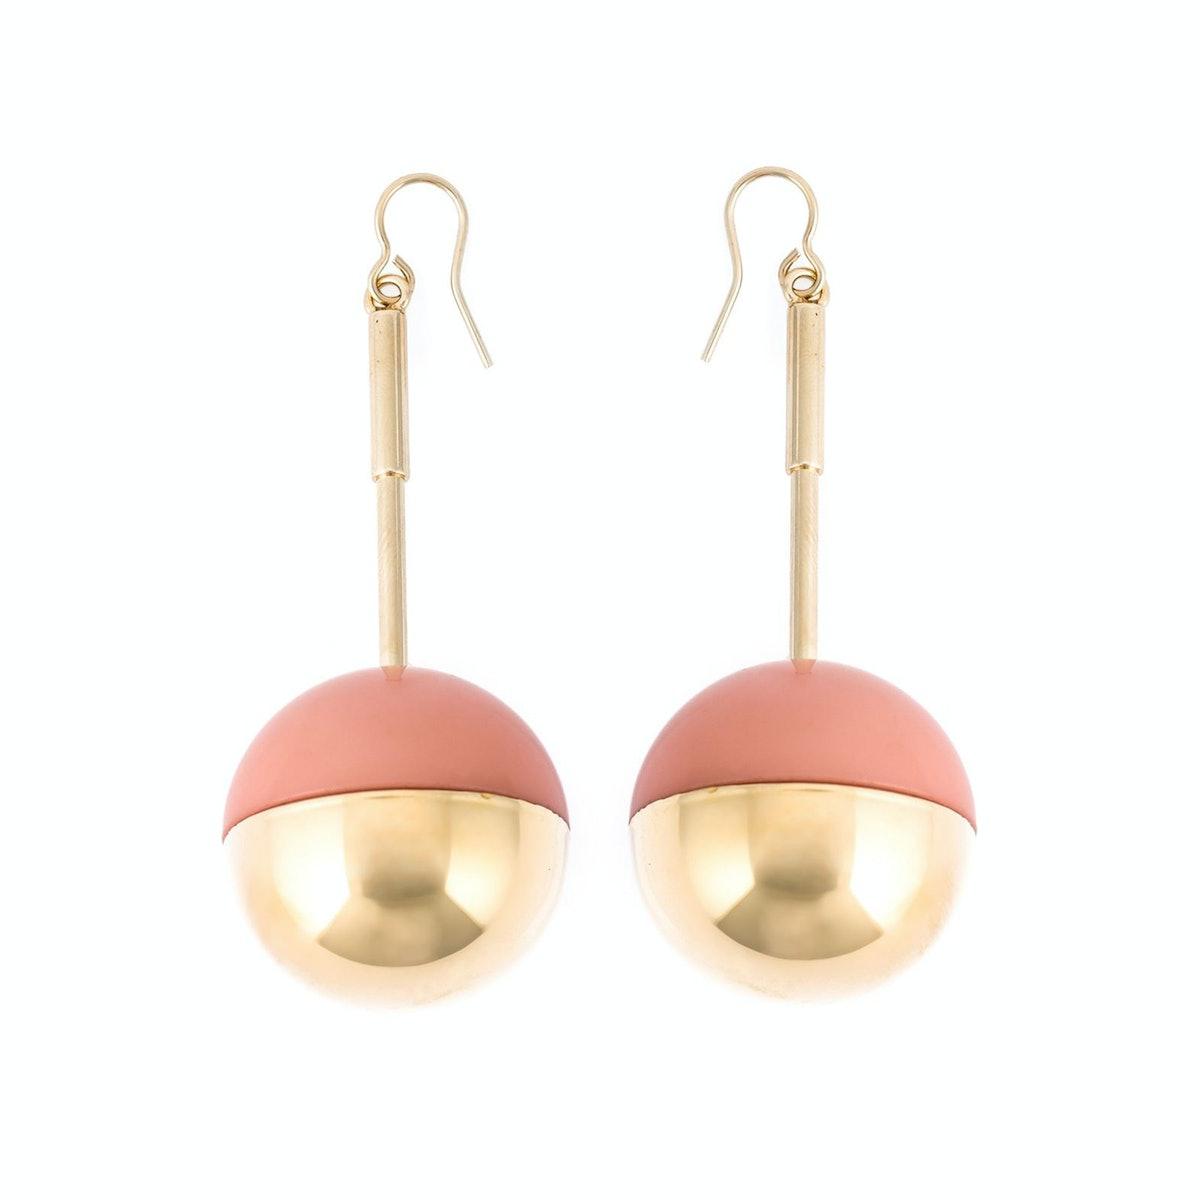 Marni pendant earrings